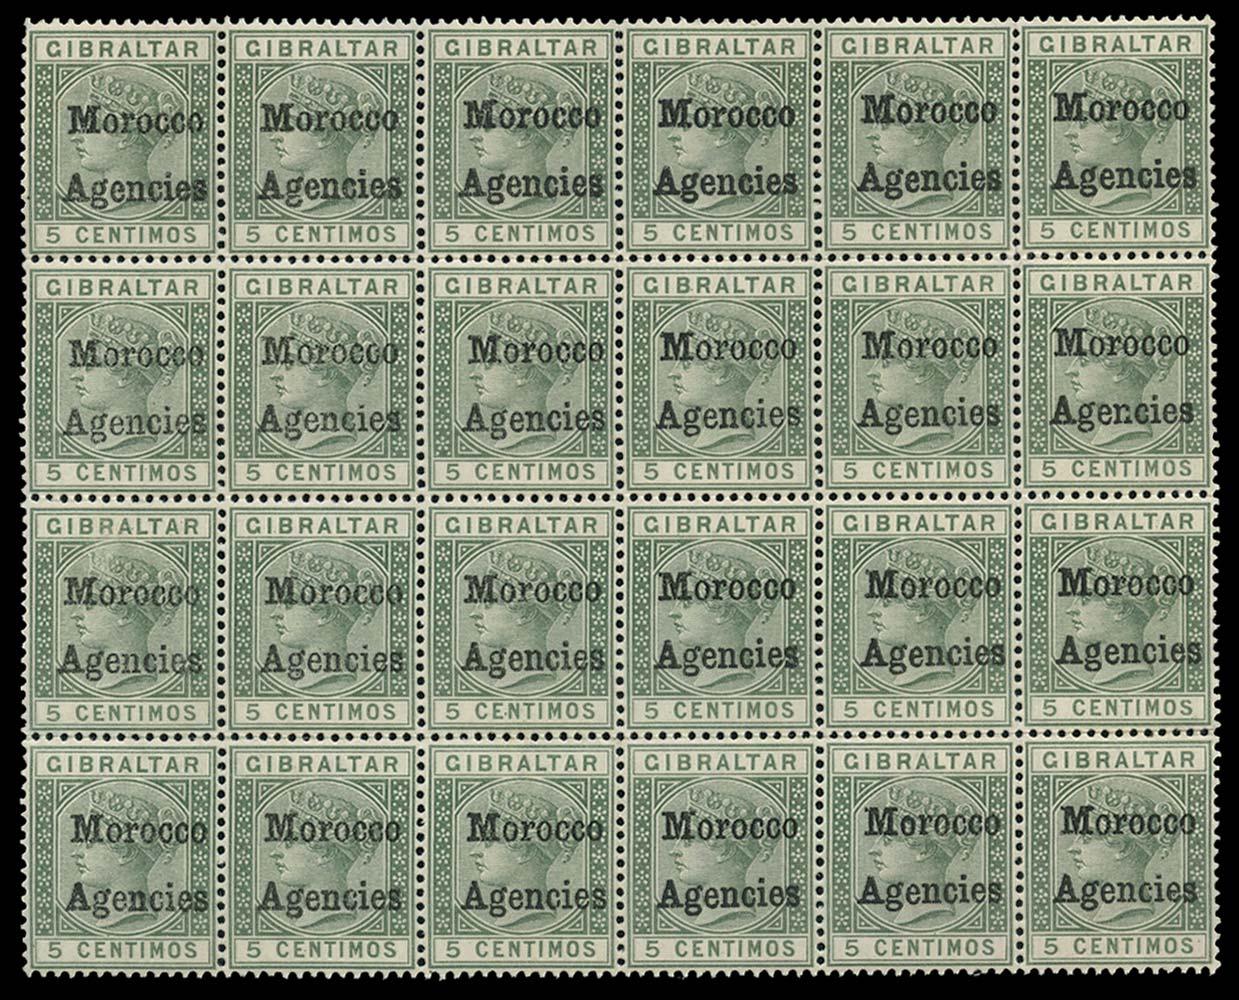 MOROCCO AGENCIES 1898-1900  SG1/c Mint